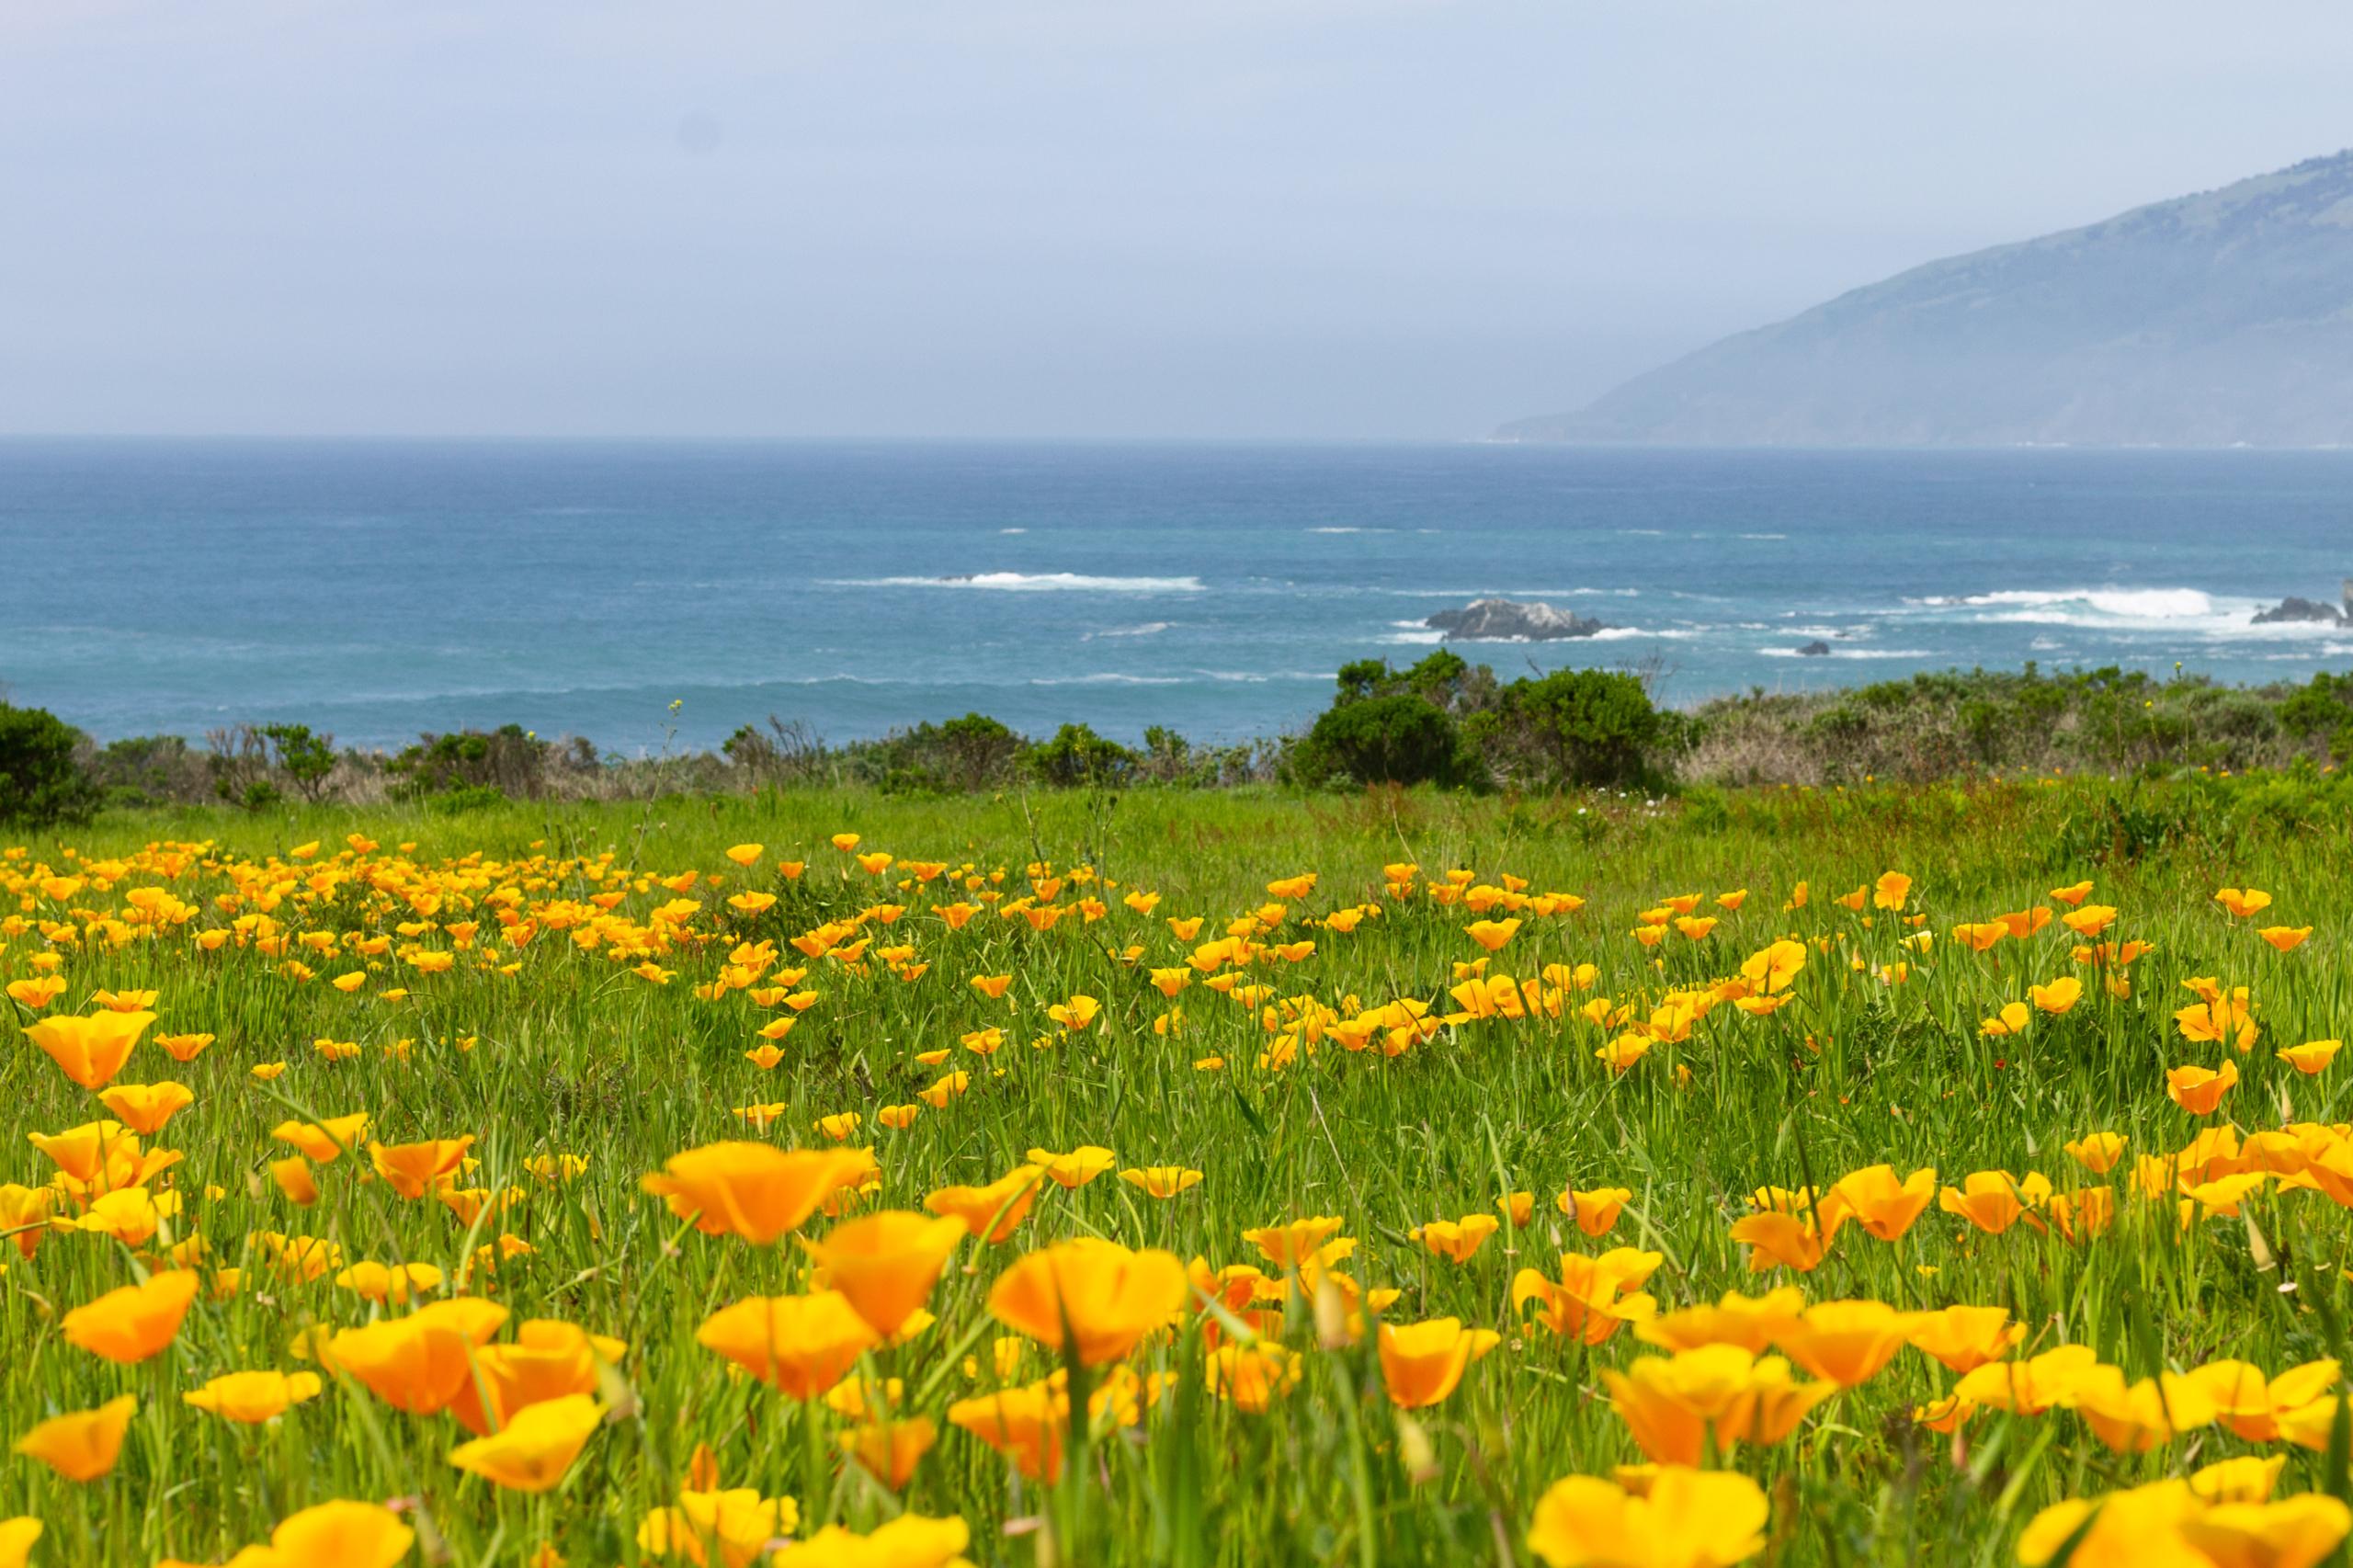 Camp-California Outdoor Principles